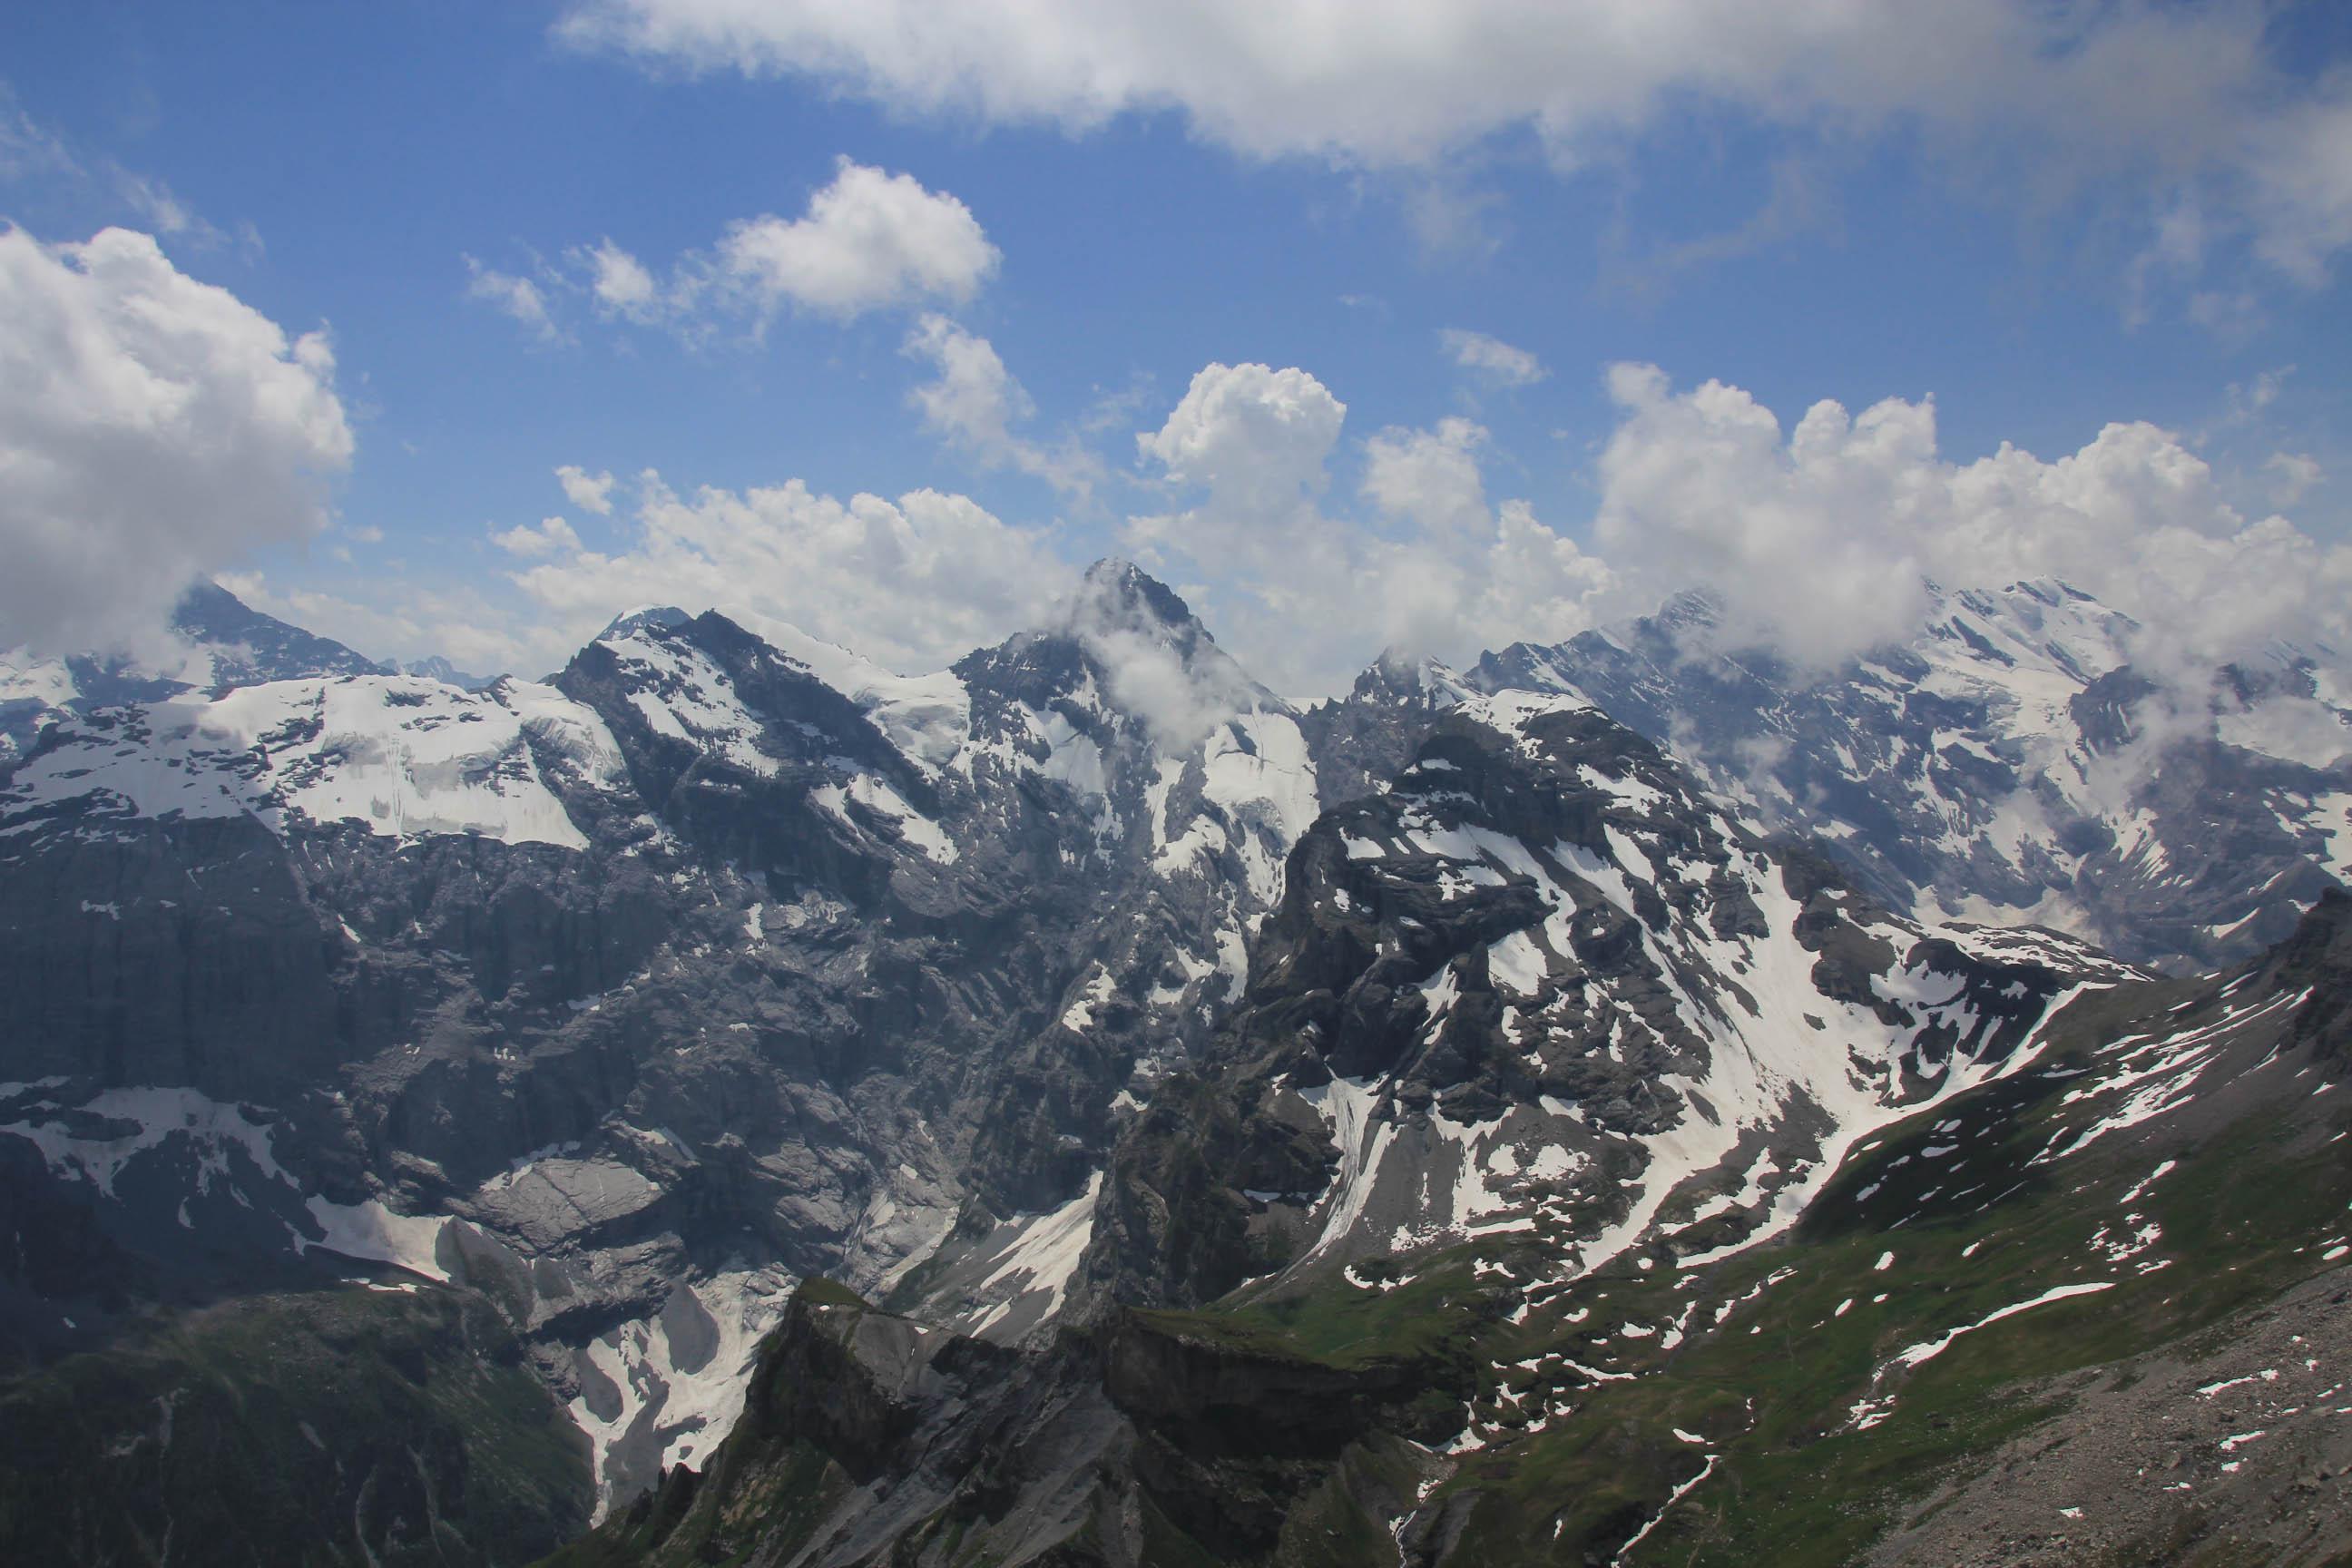 Alps as seen from Schilthorn